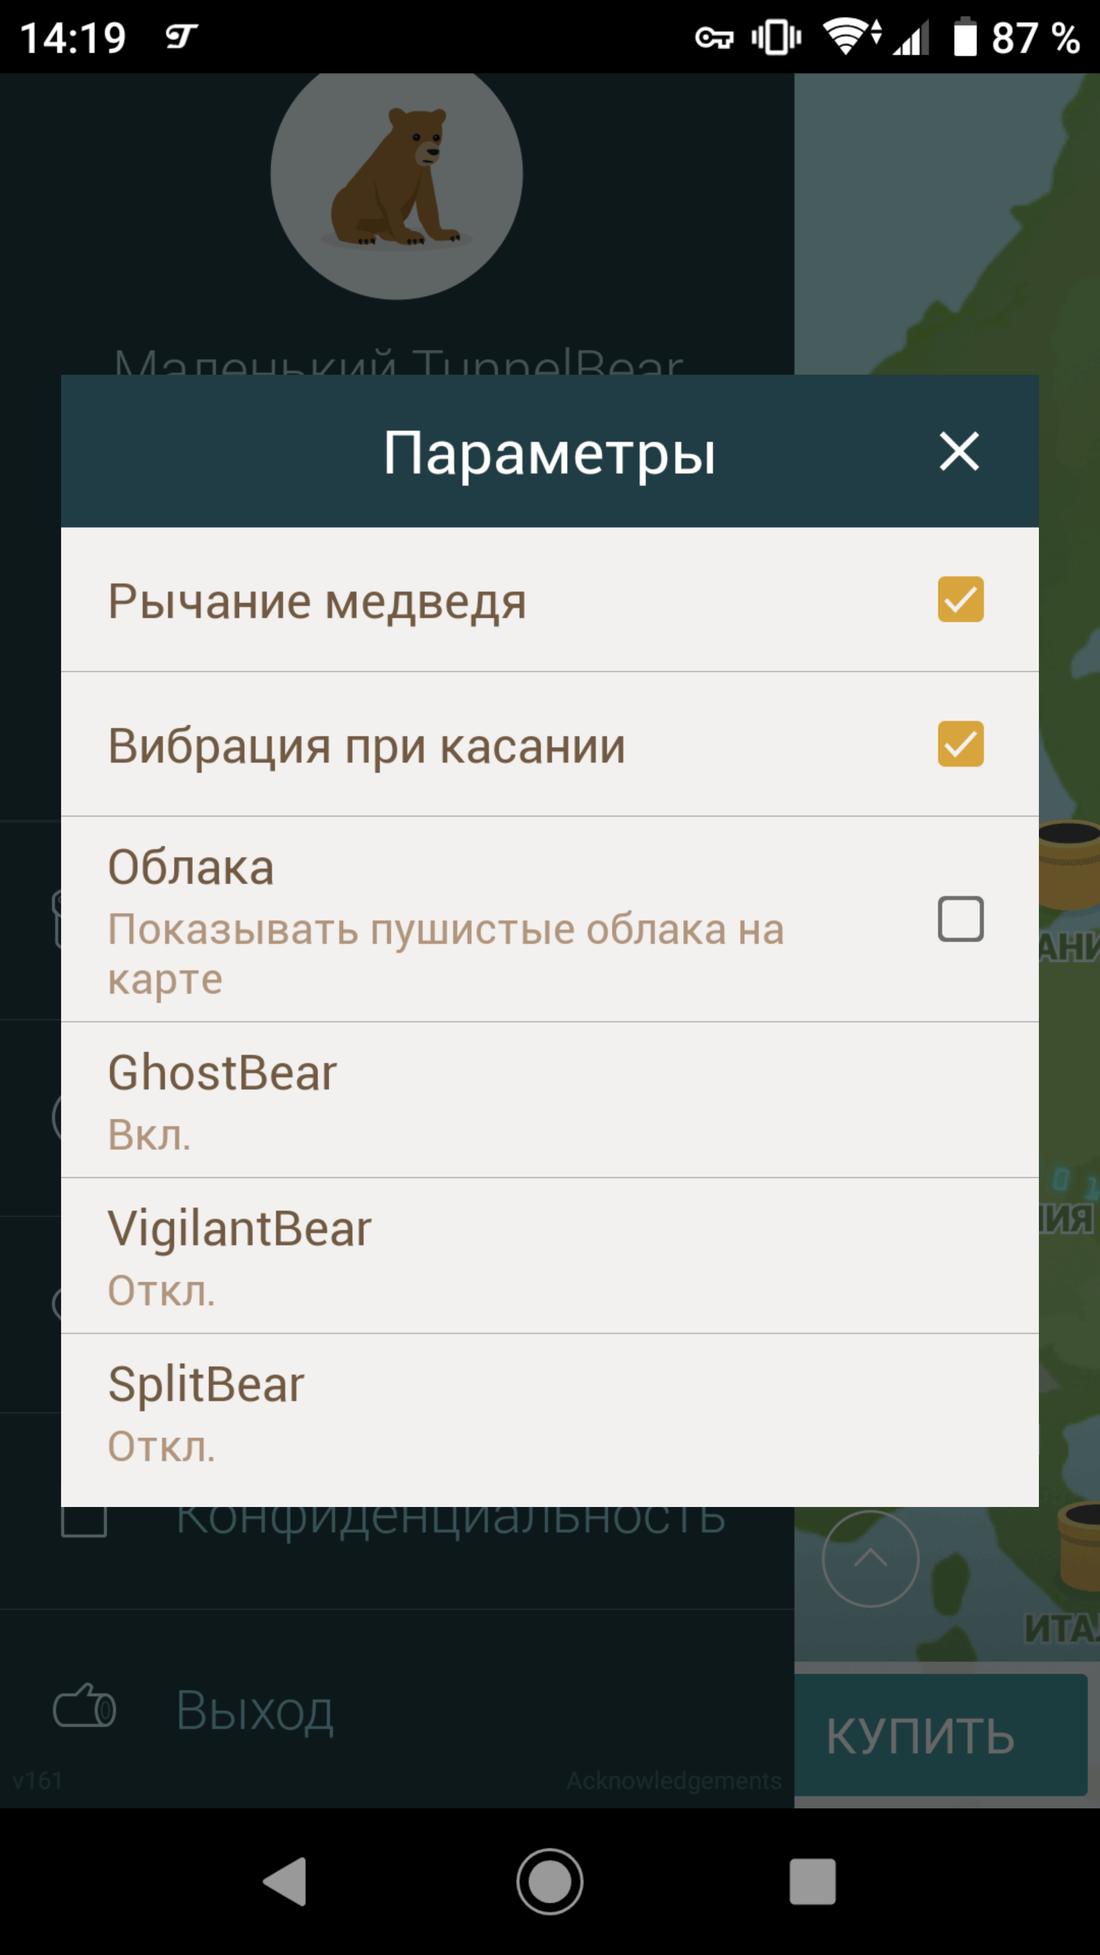 Скриншoт #2 из прoгрaммы TunnelBear VPN